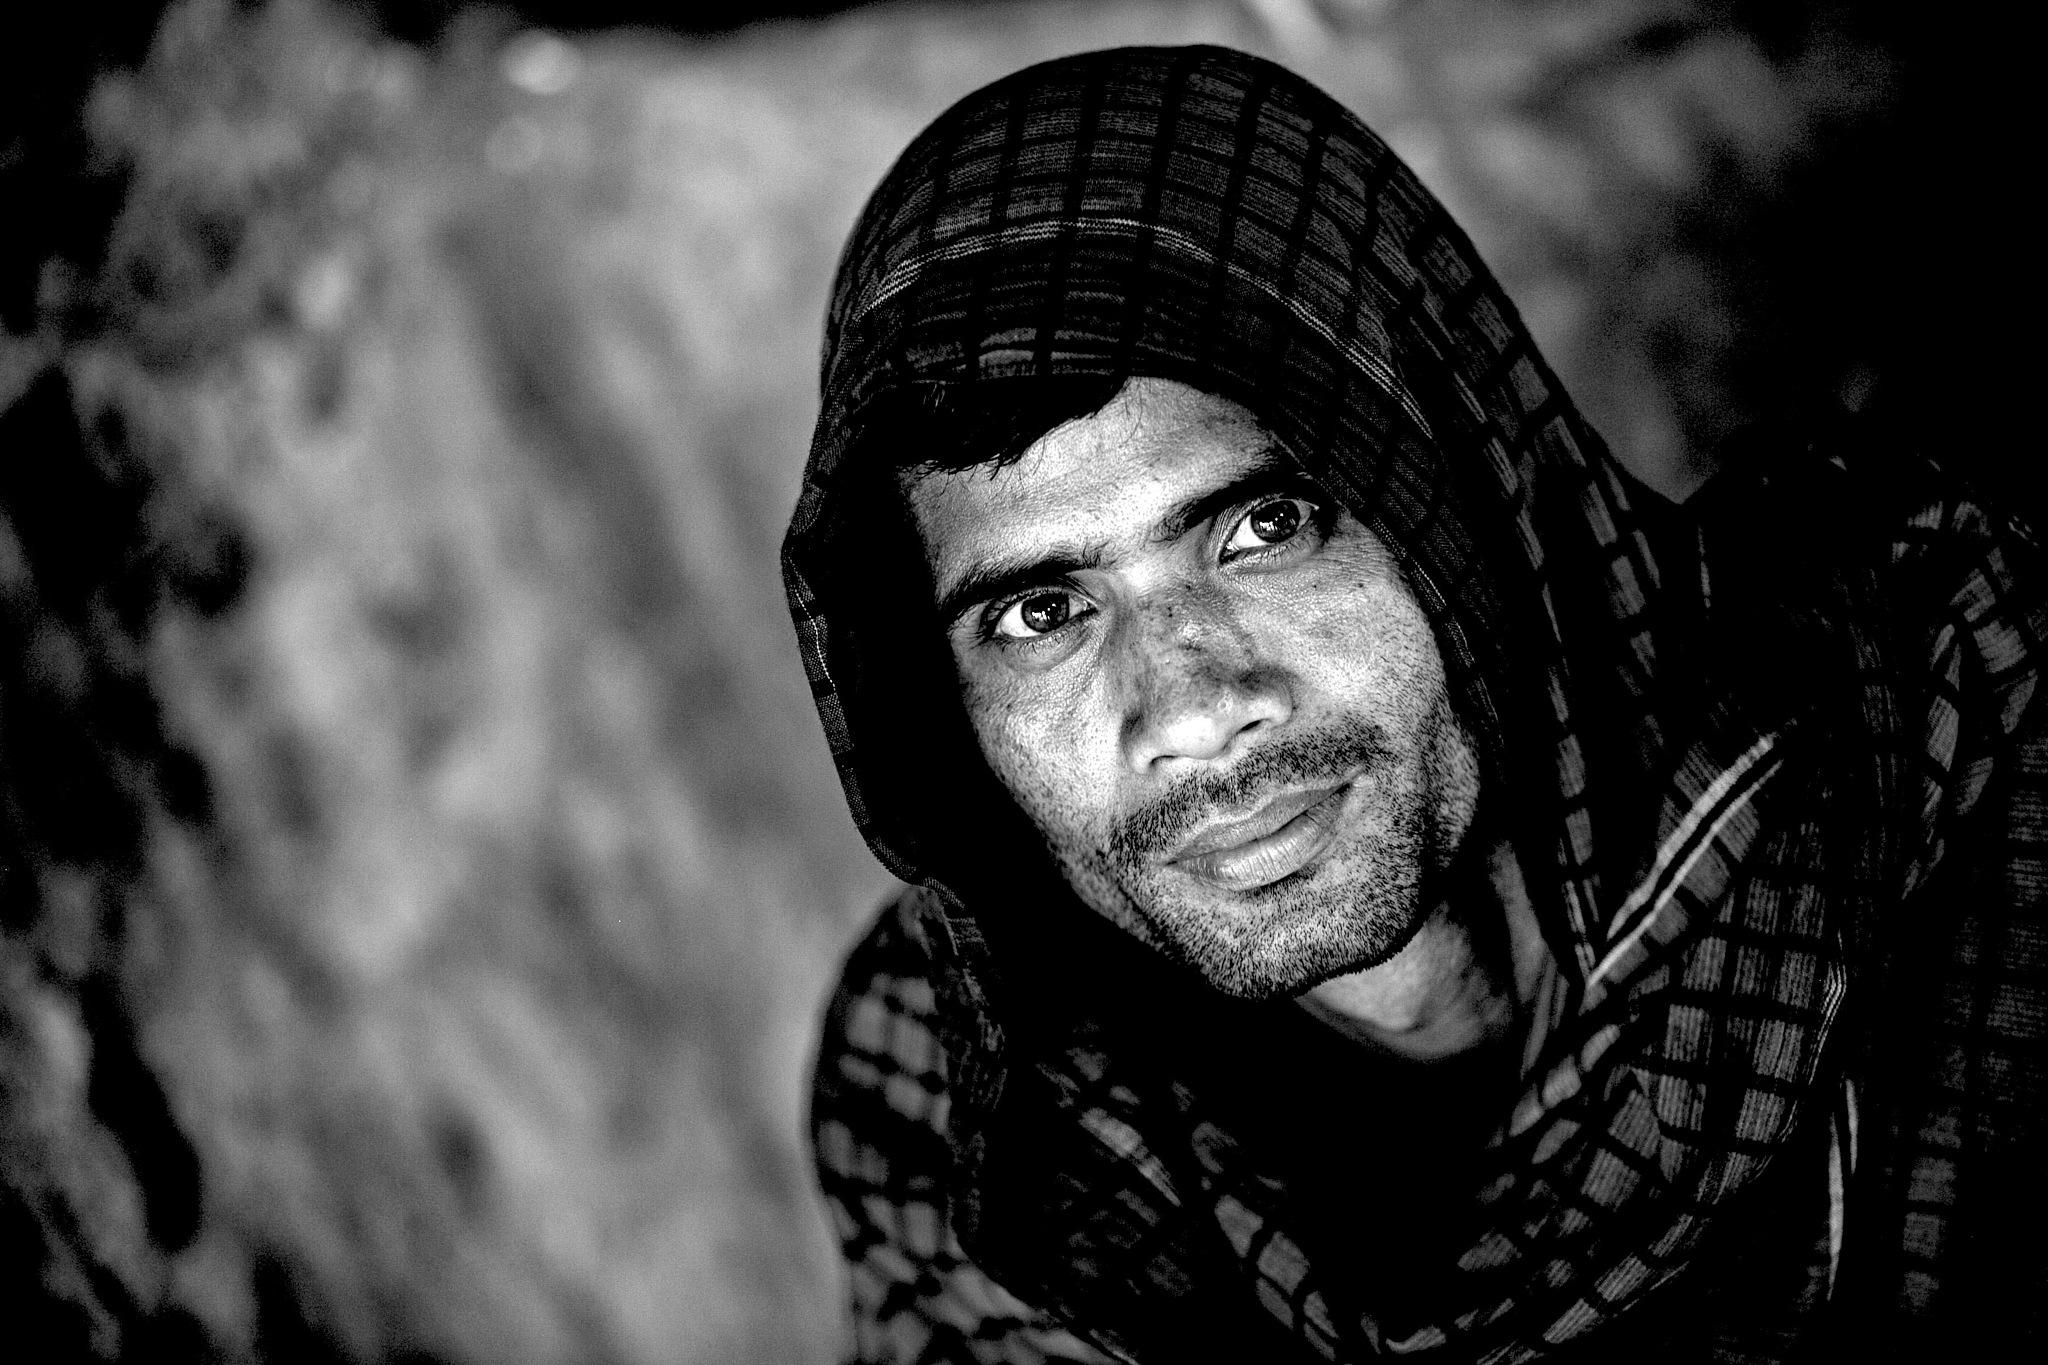 Pale Eyed by Mahesh Krishnamurthy